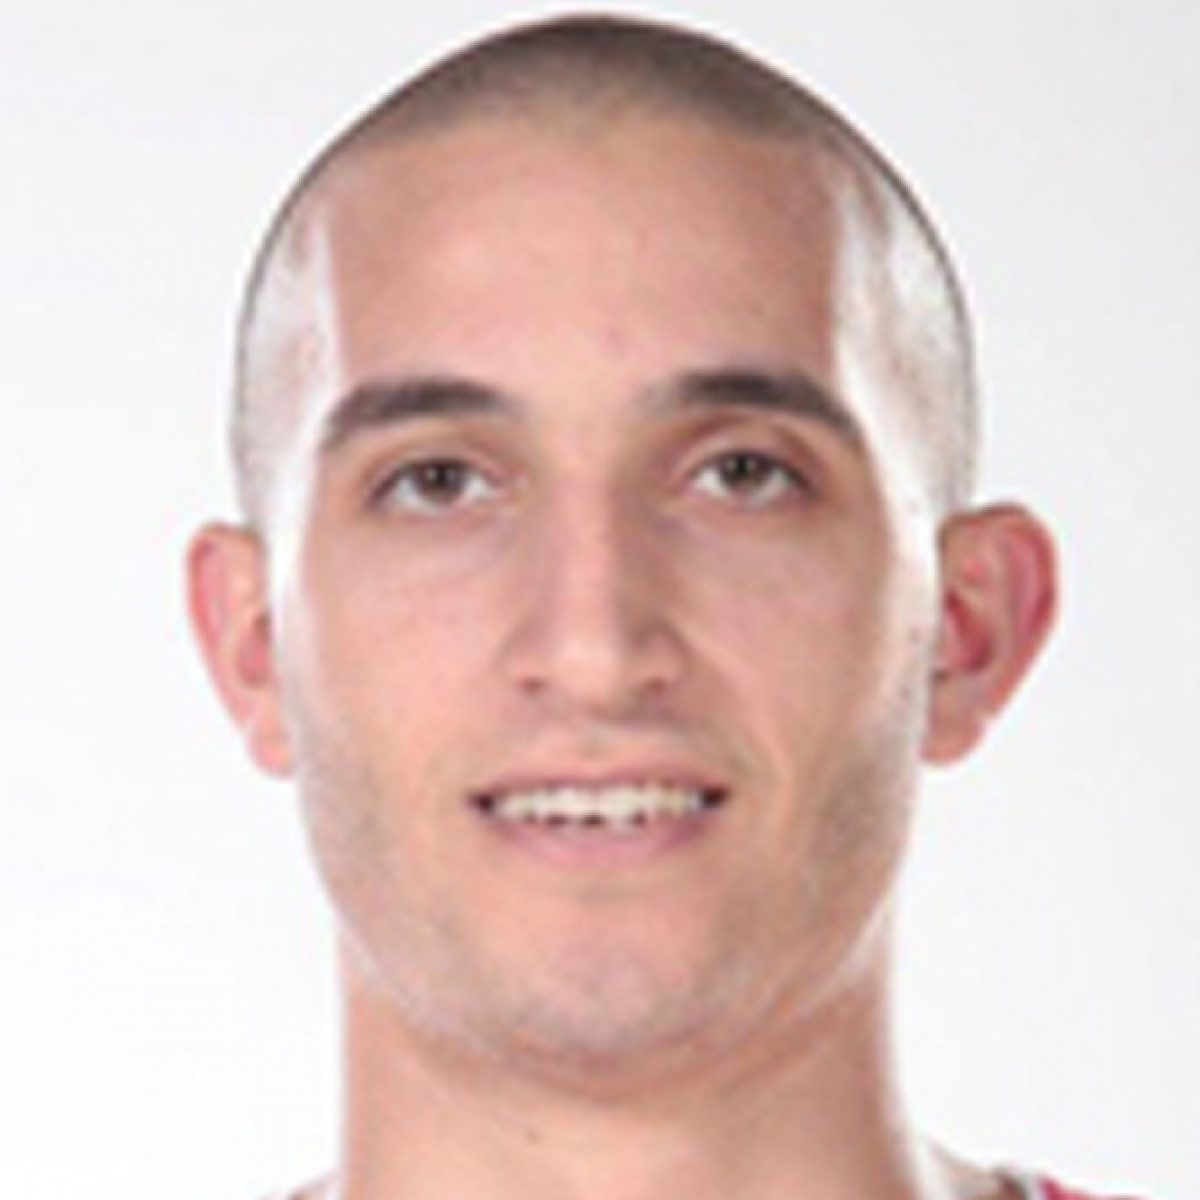 Shai Salz